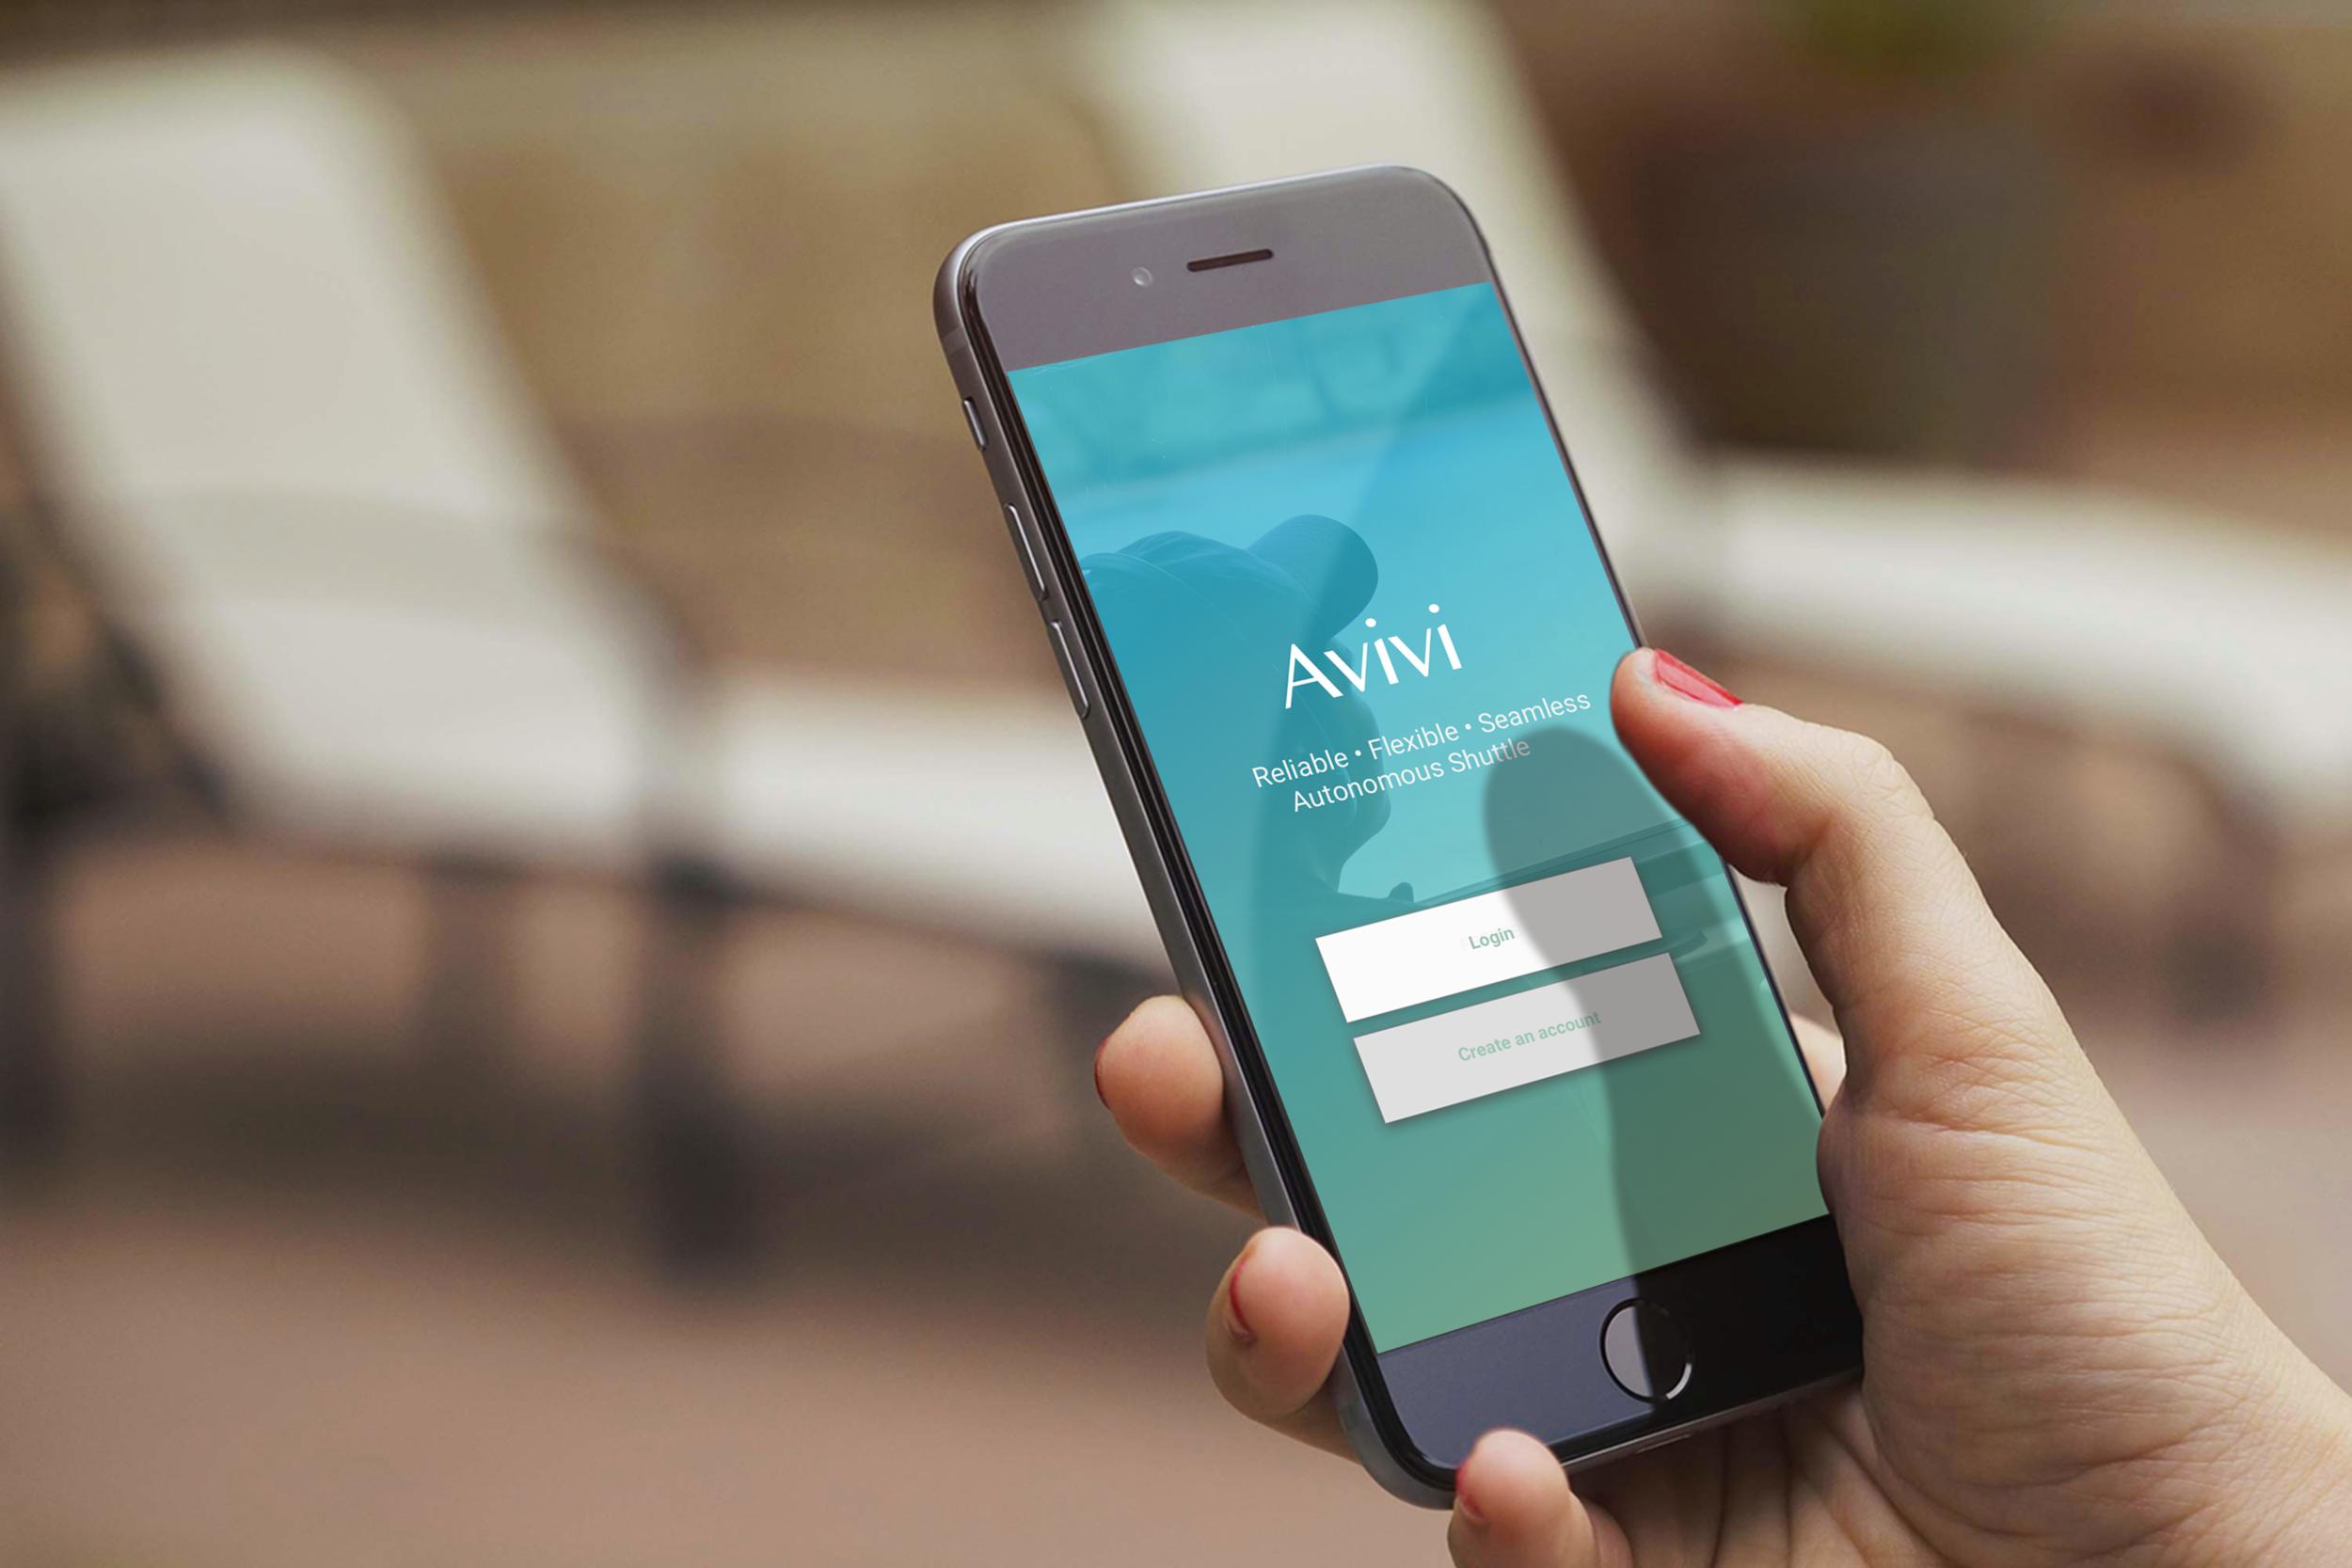 Avivi Mobile Application